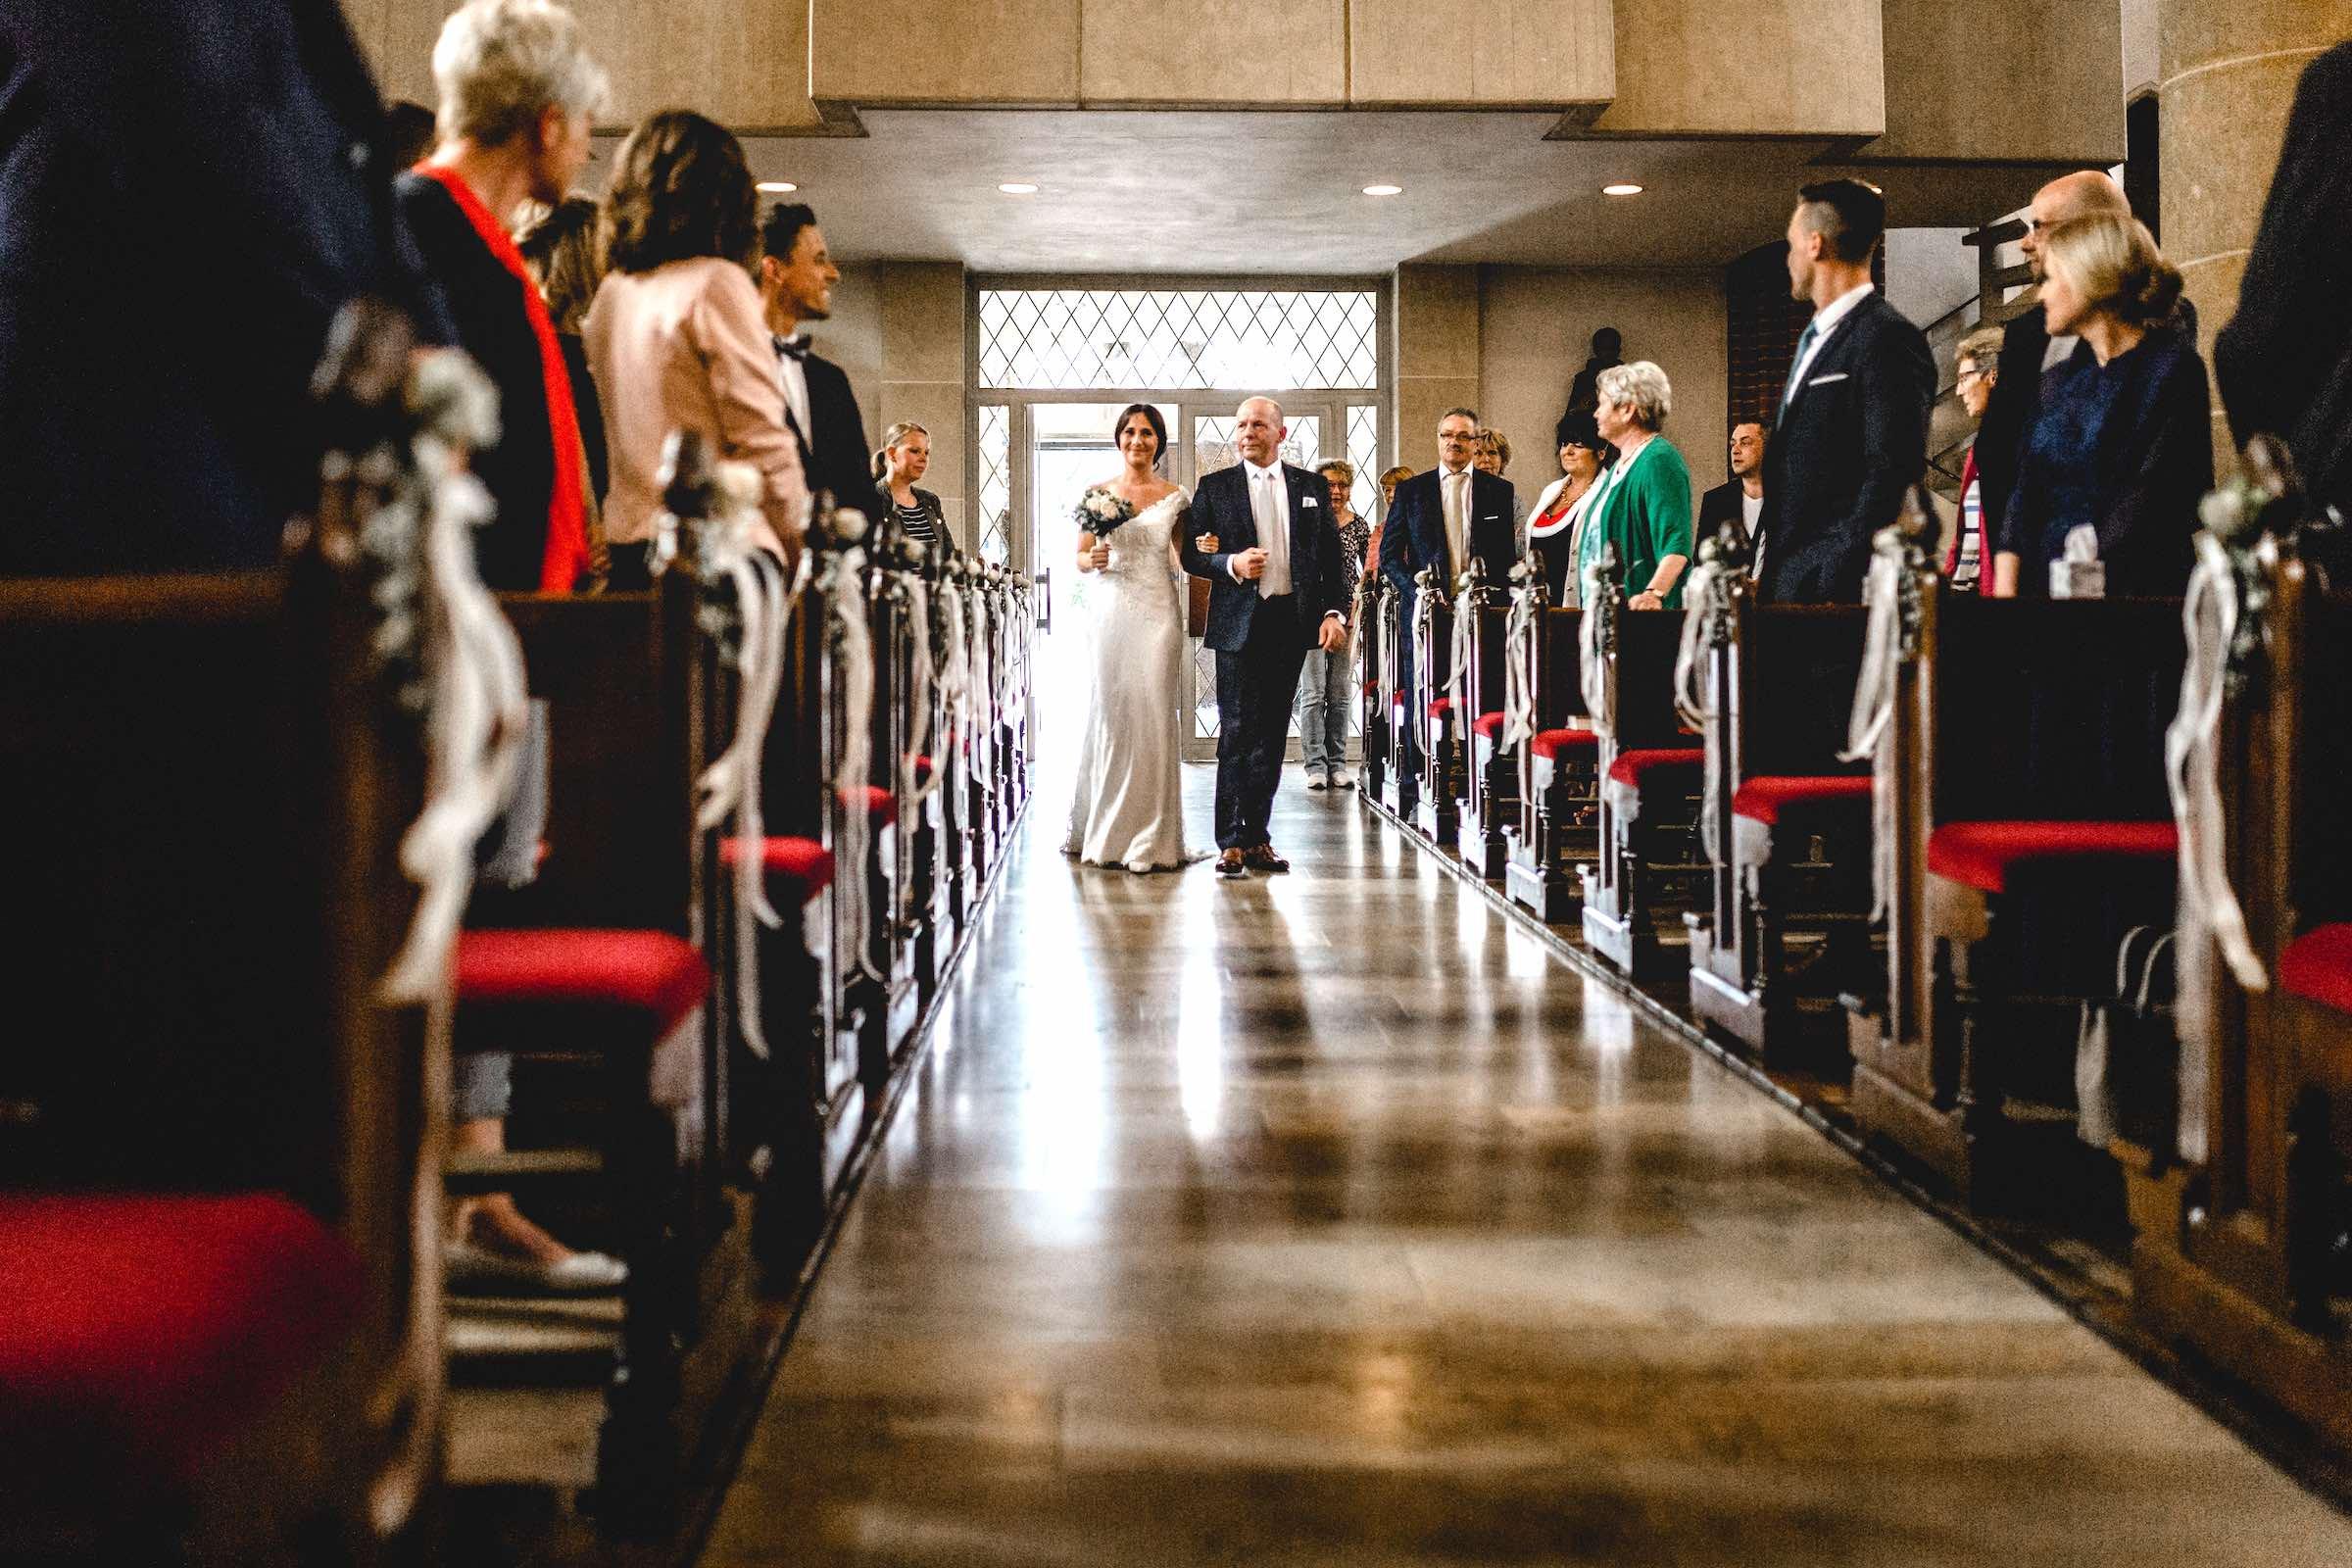 Fotograf | Hochzeit | Braunschweig | Hameln | Celle | Hannover | Peine | Fotograf | Hochzeit | Hochzeitsfotografie | Hochzeitsreportage | Fotografie | Mieten | Buchen | Lehmann | Eventservice